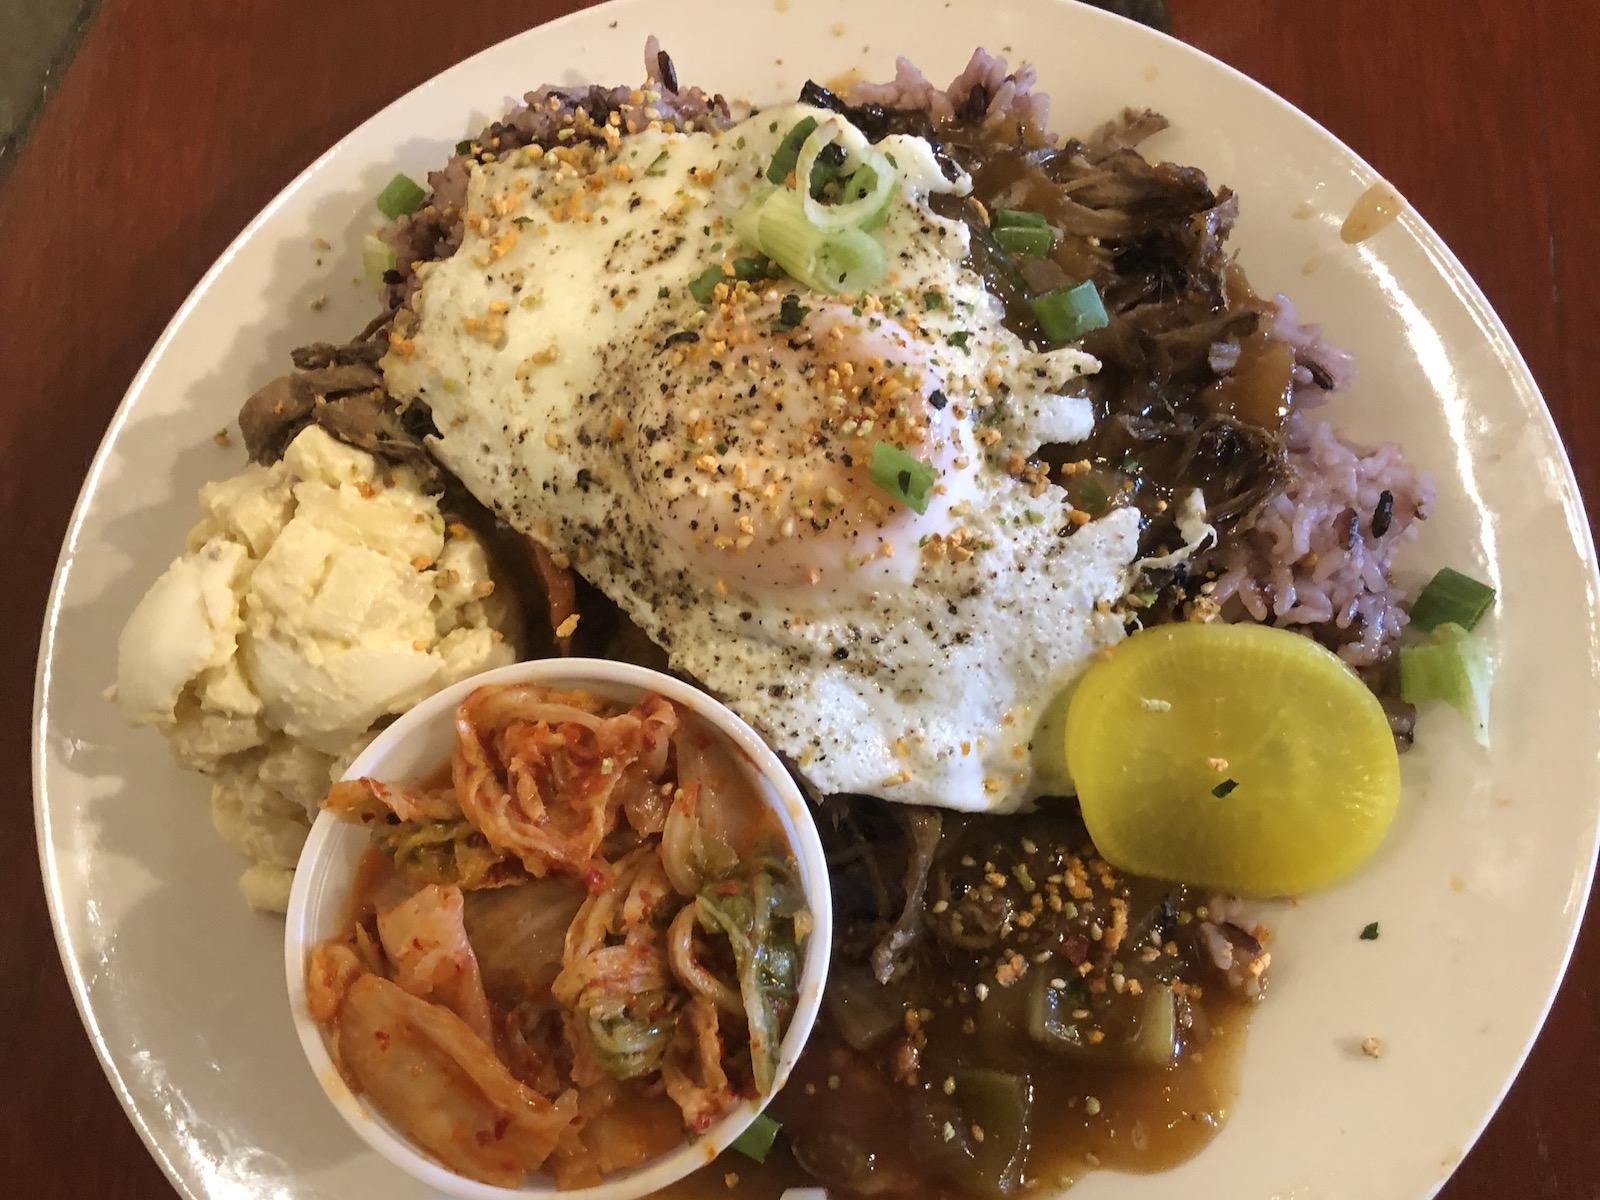 Hawaiian food at Ono Kine Grindz